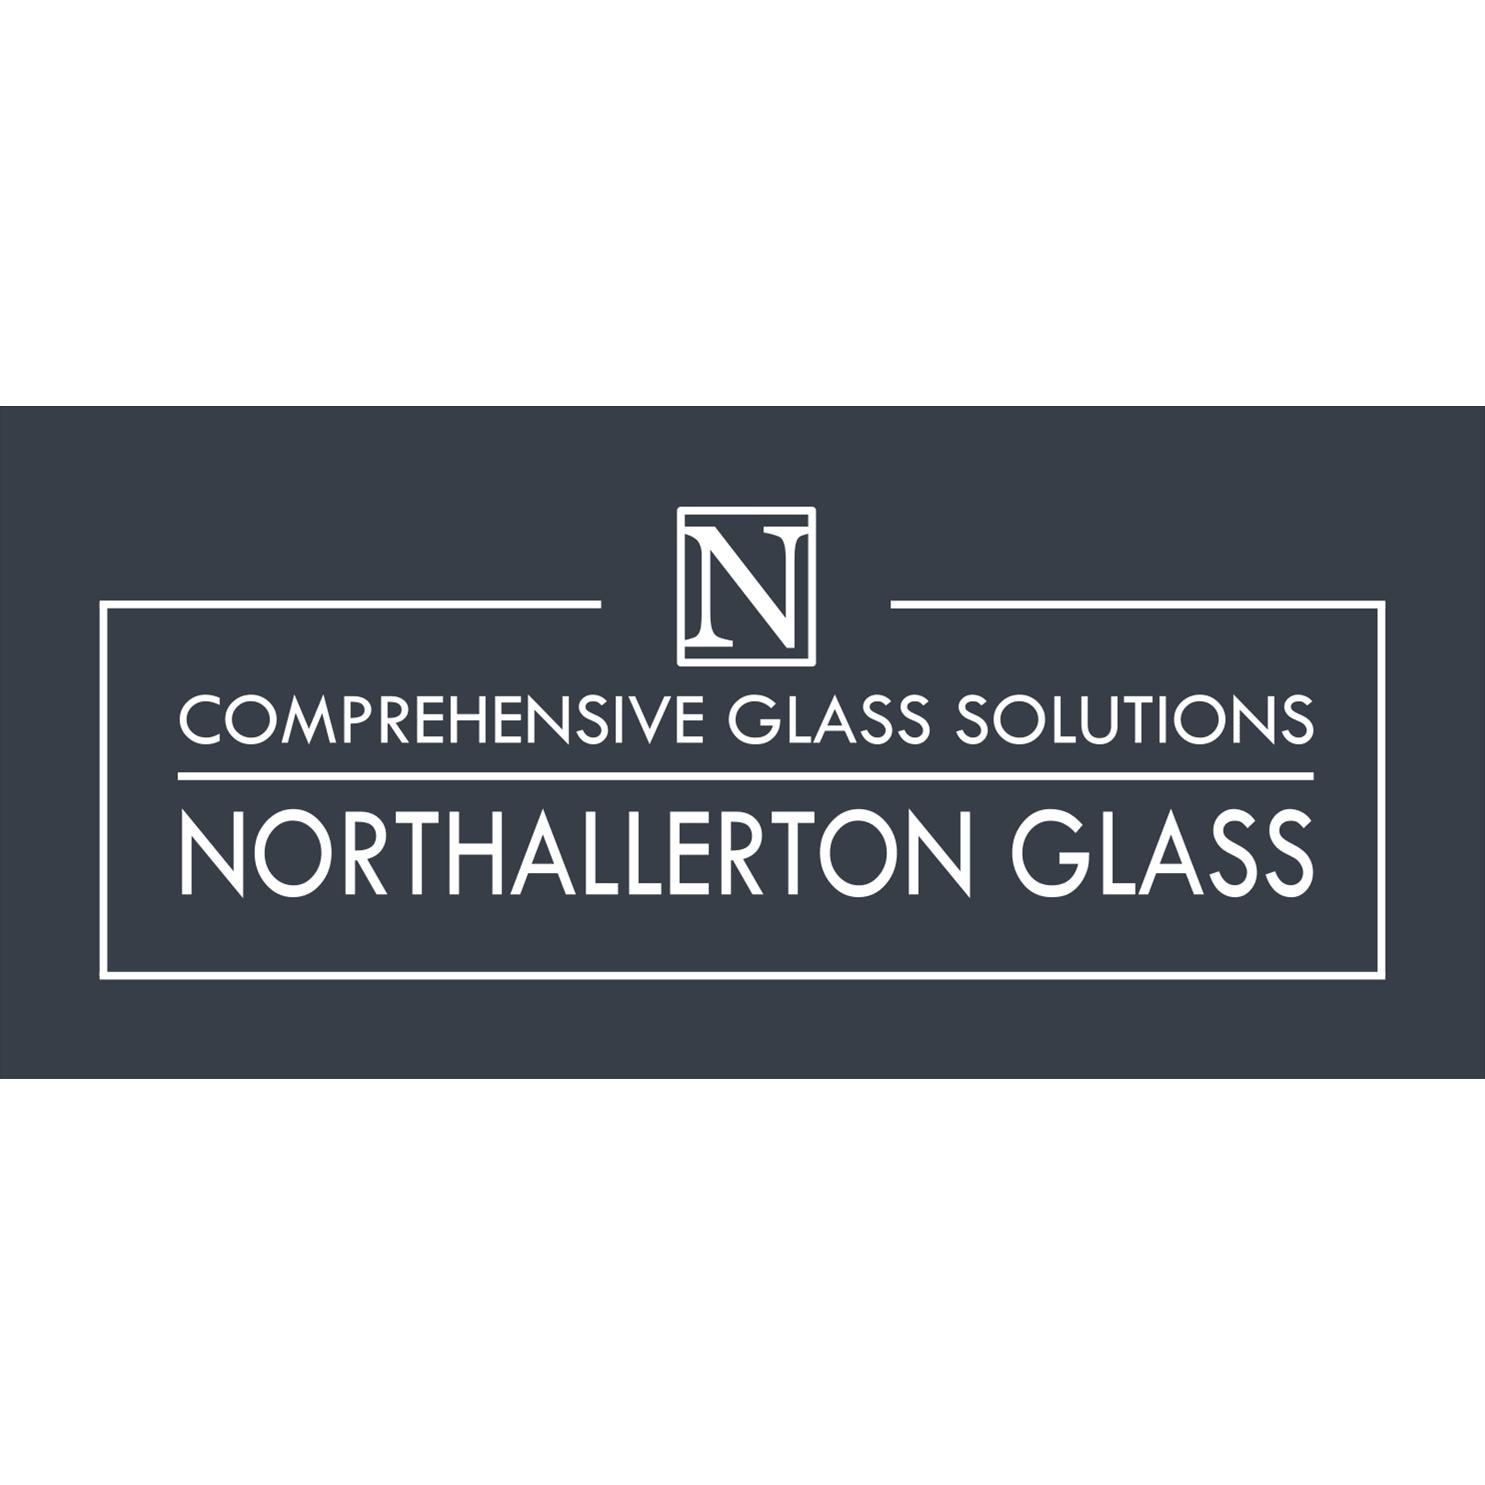 Northallerton Glass - Northallerton, North Yorkshire DL7 8DX - 01609 779948 | ShowMeLocal.com